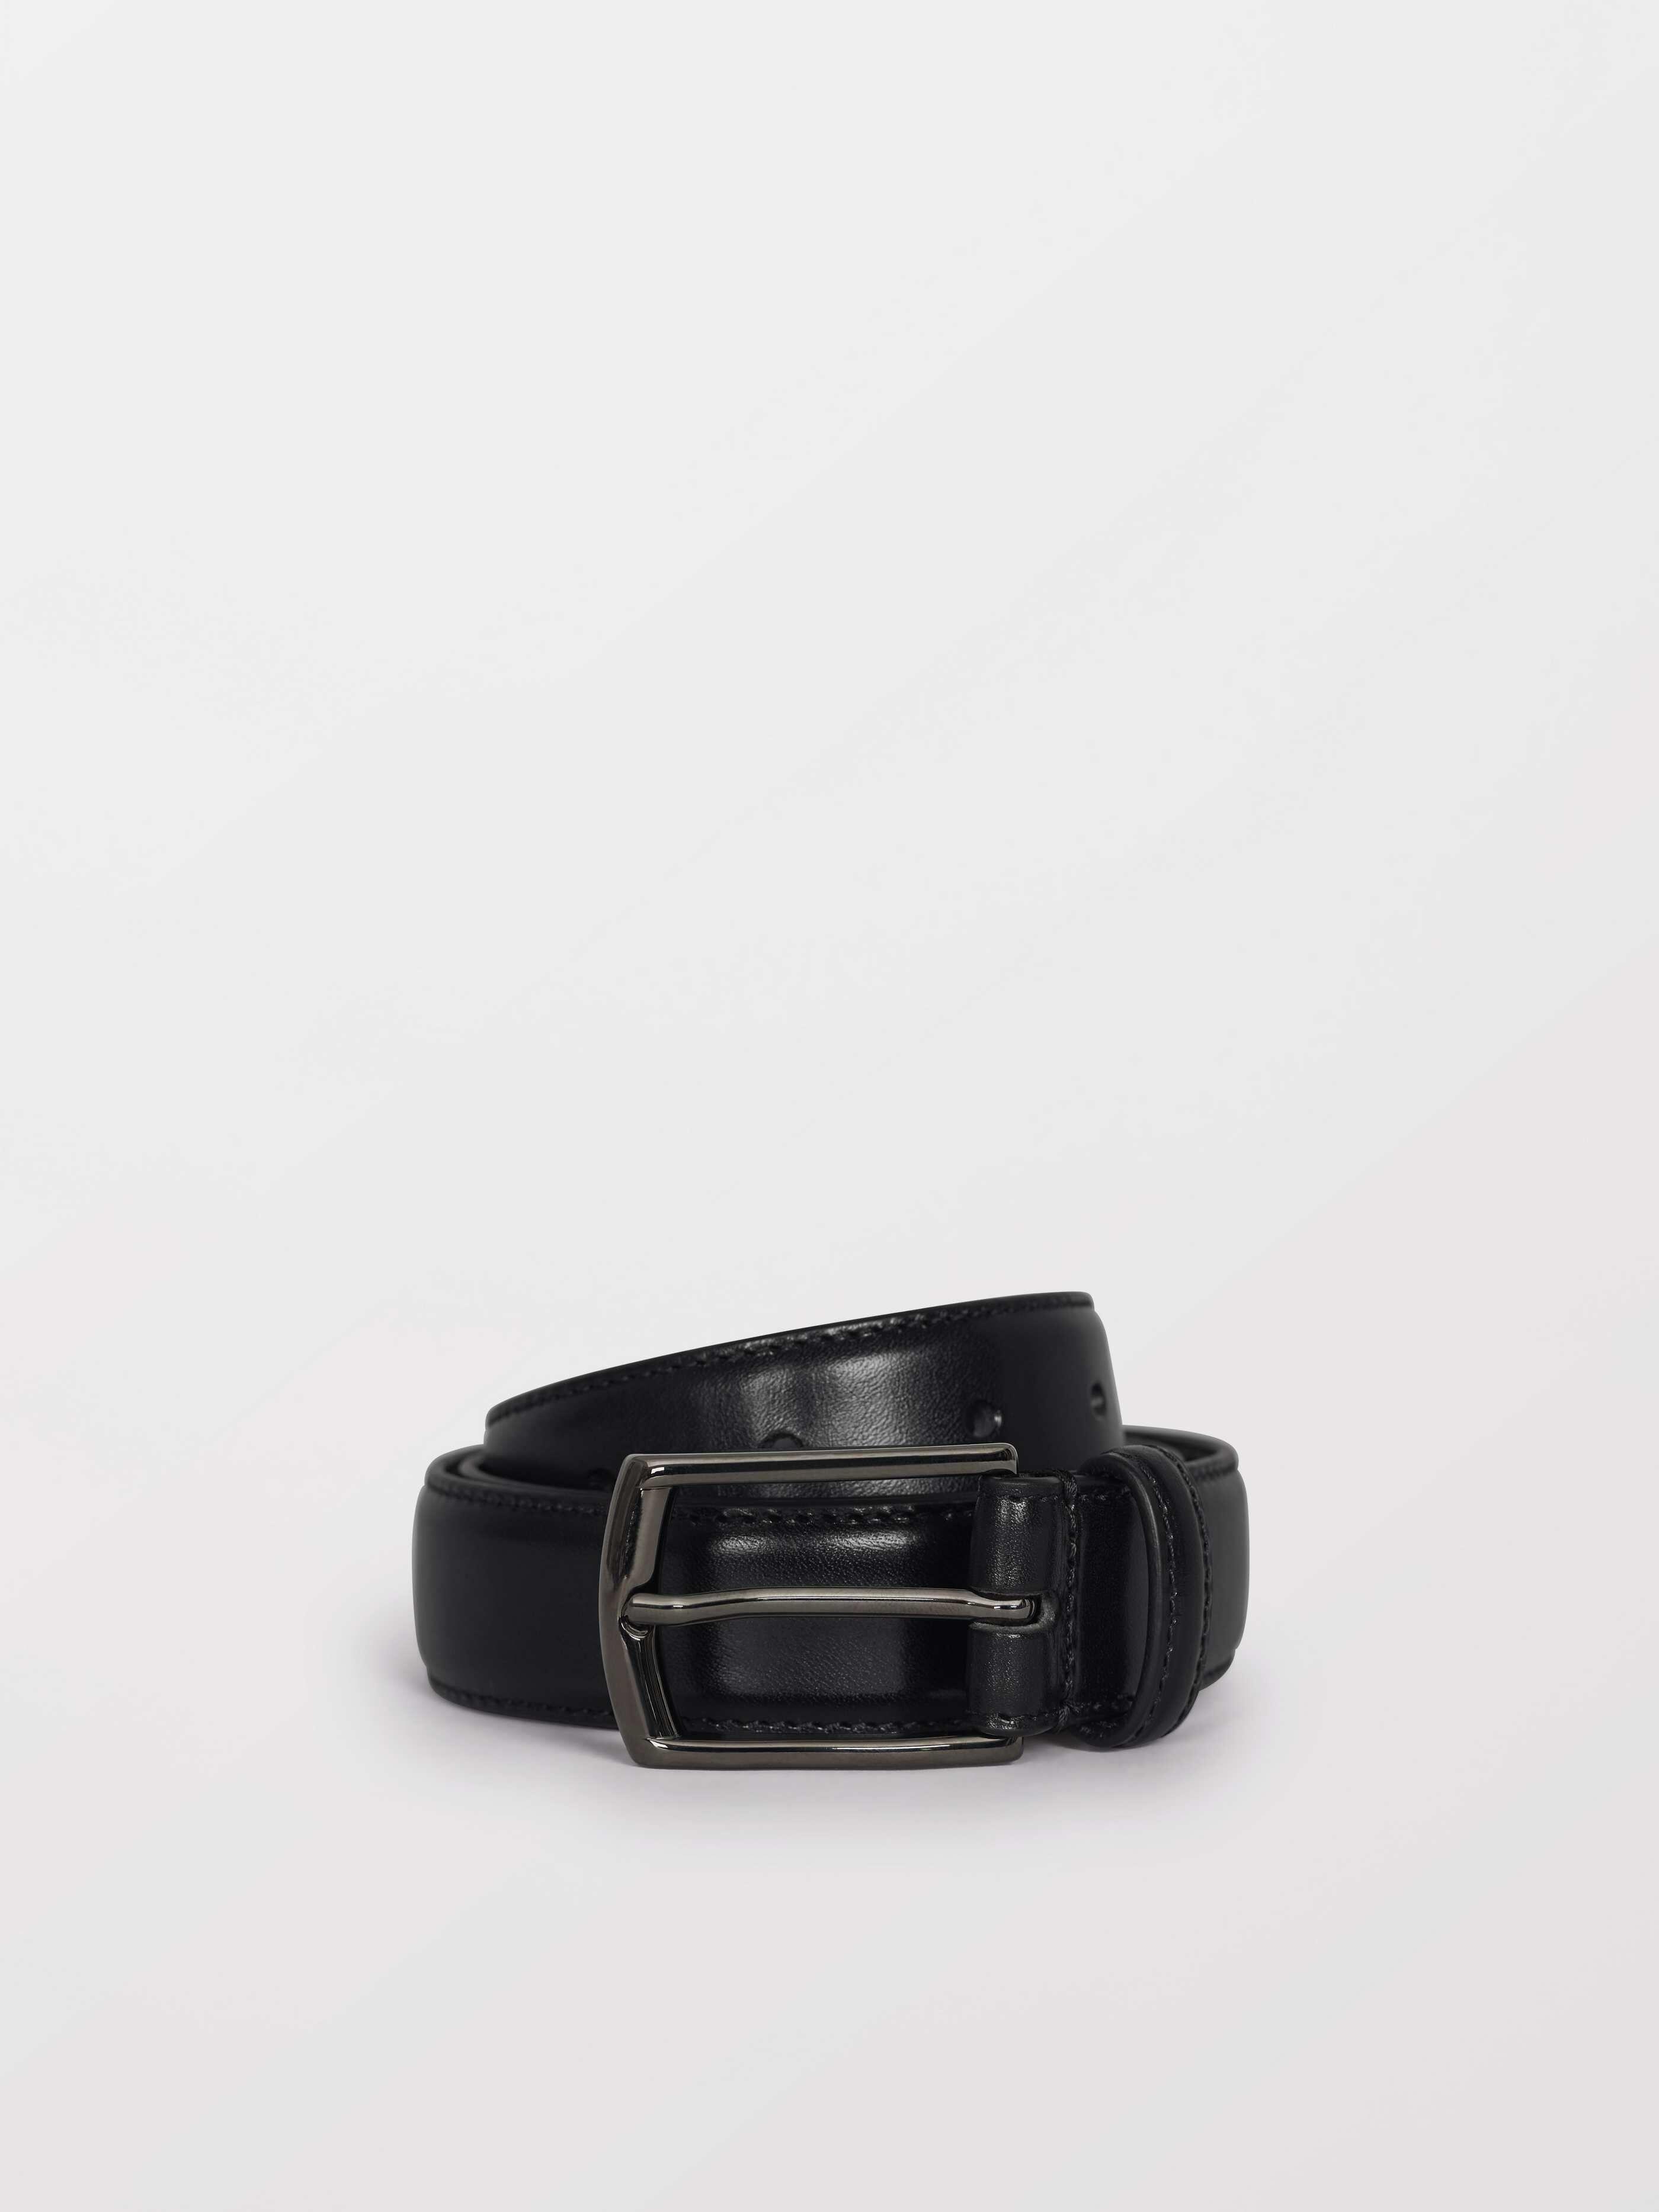 la ceintures Ceintures de tendance collection actuelle Découvrez xpqn4wB01U